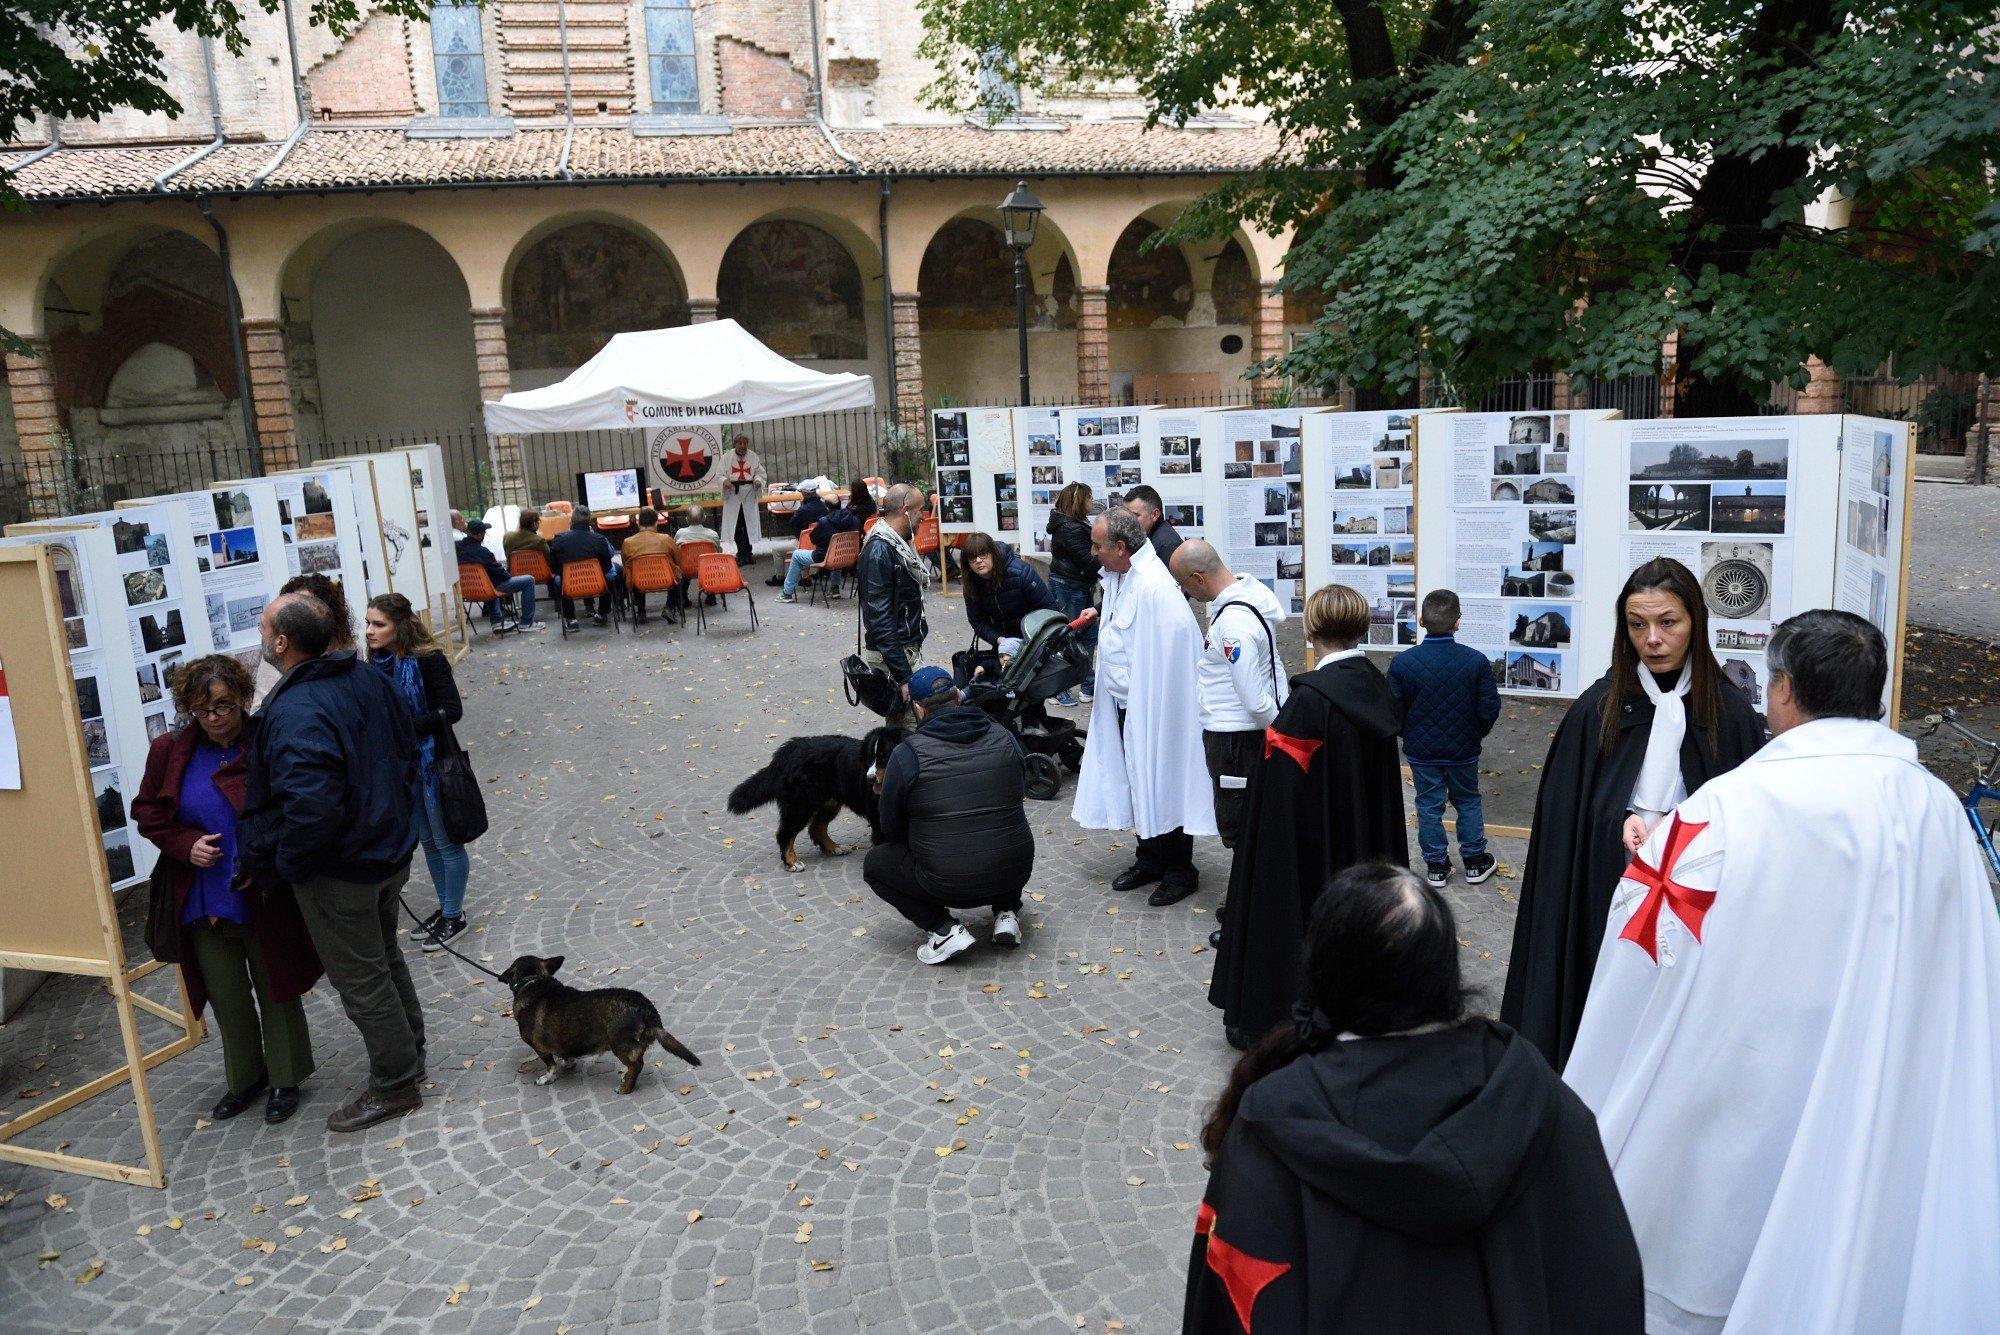 I Templari Cattolici d'Italia organizzano la mostra fotografica e conferenza sui luoghi templari e